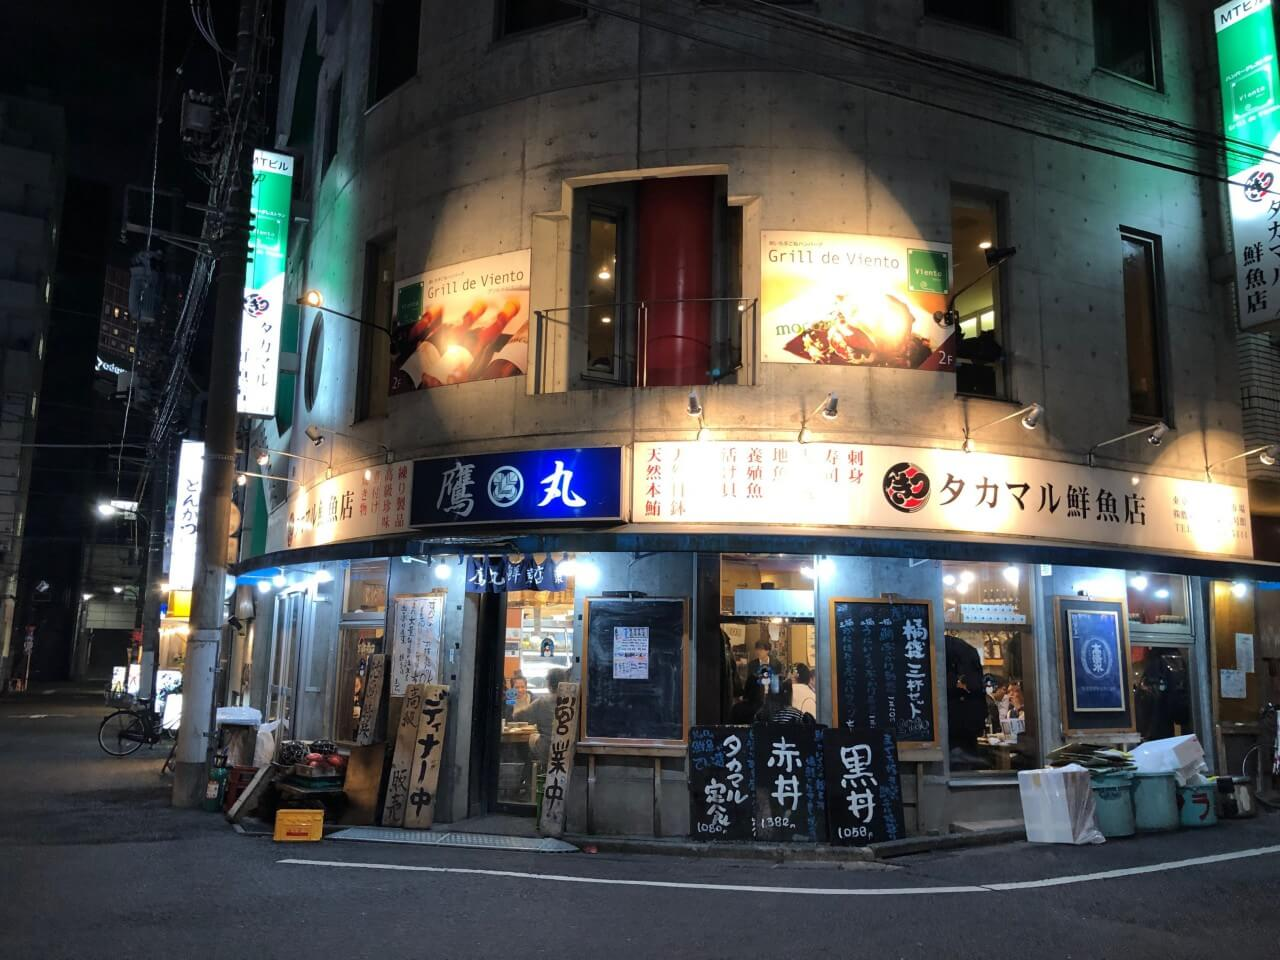 【東京美食推薦】新宿平價生魚片,日本人也愛吃的鷹丸鮮魚店